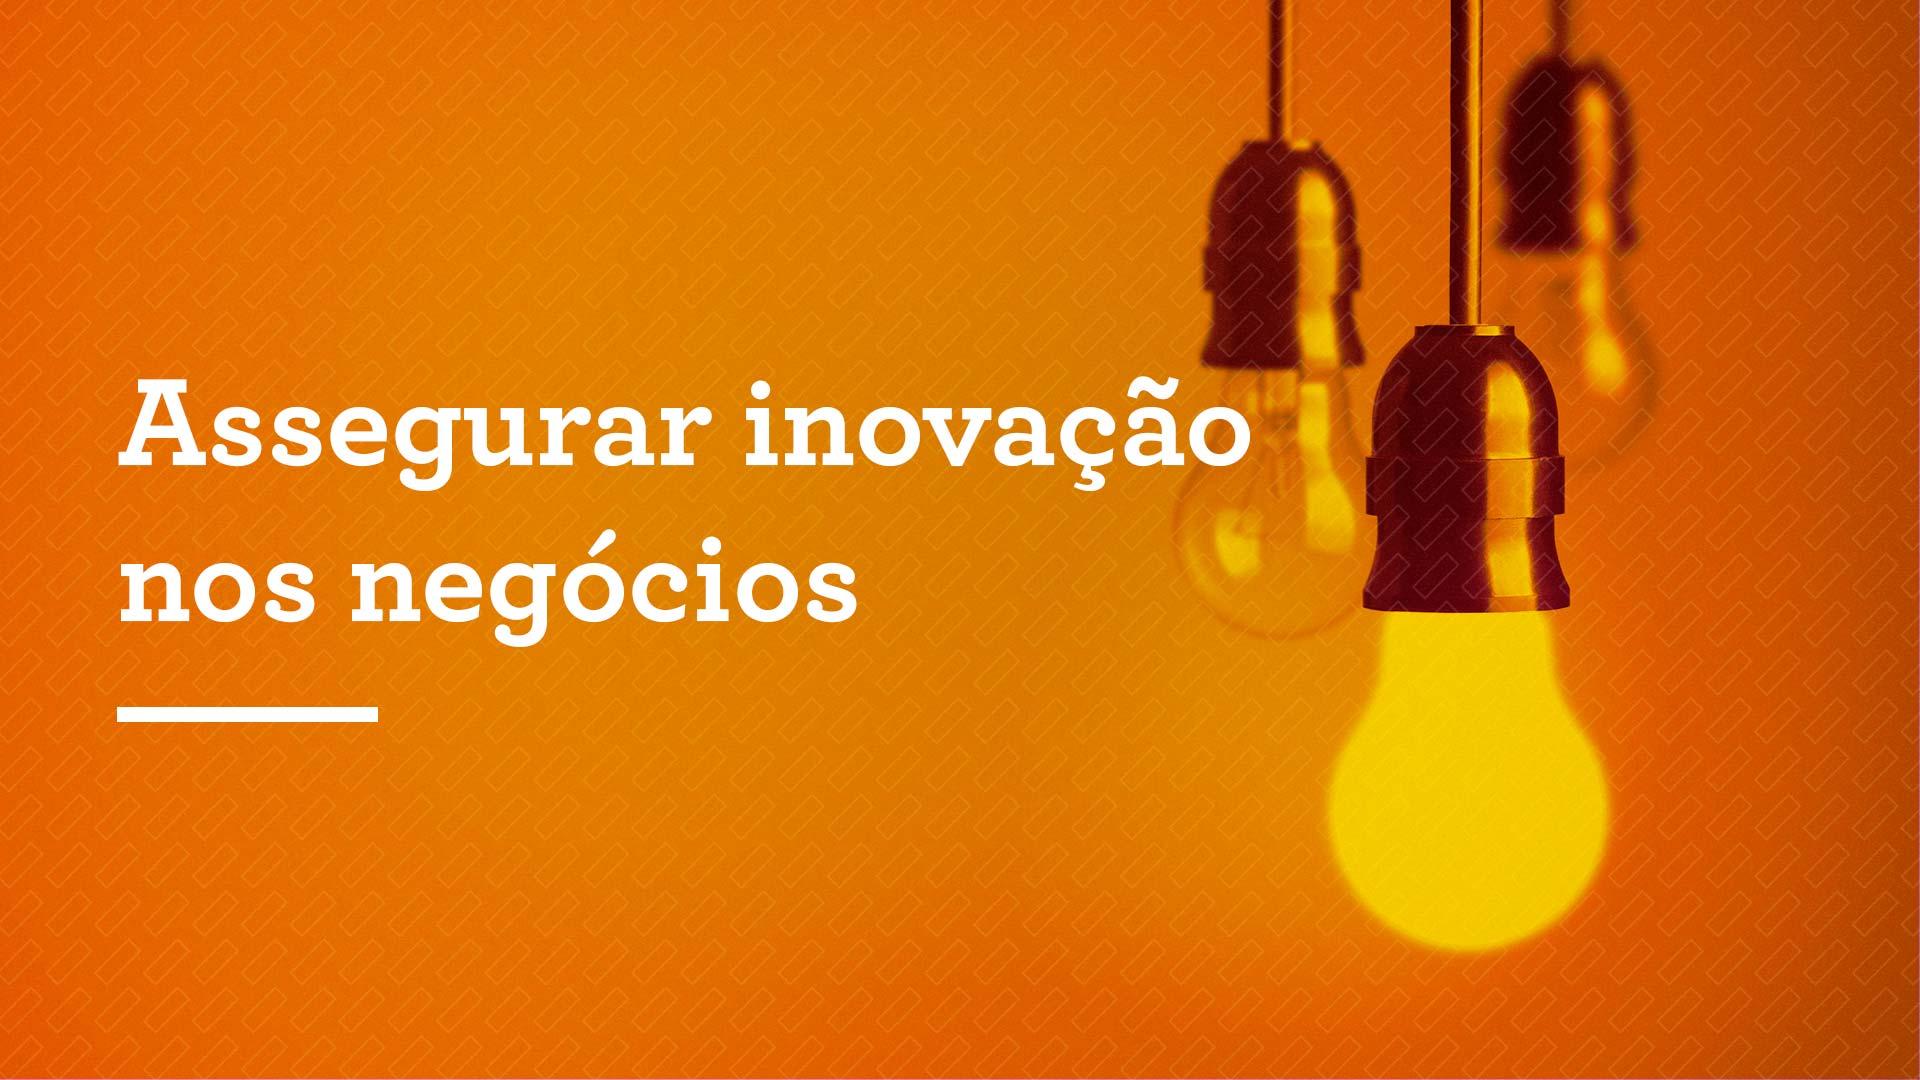 Assegurar inovação nos negócios